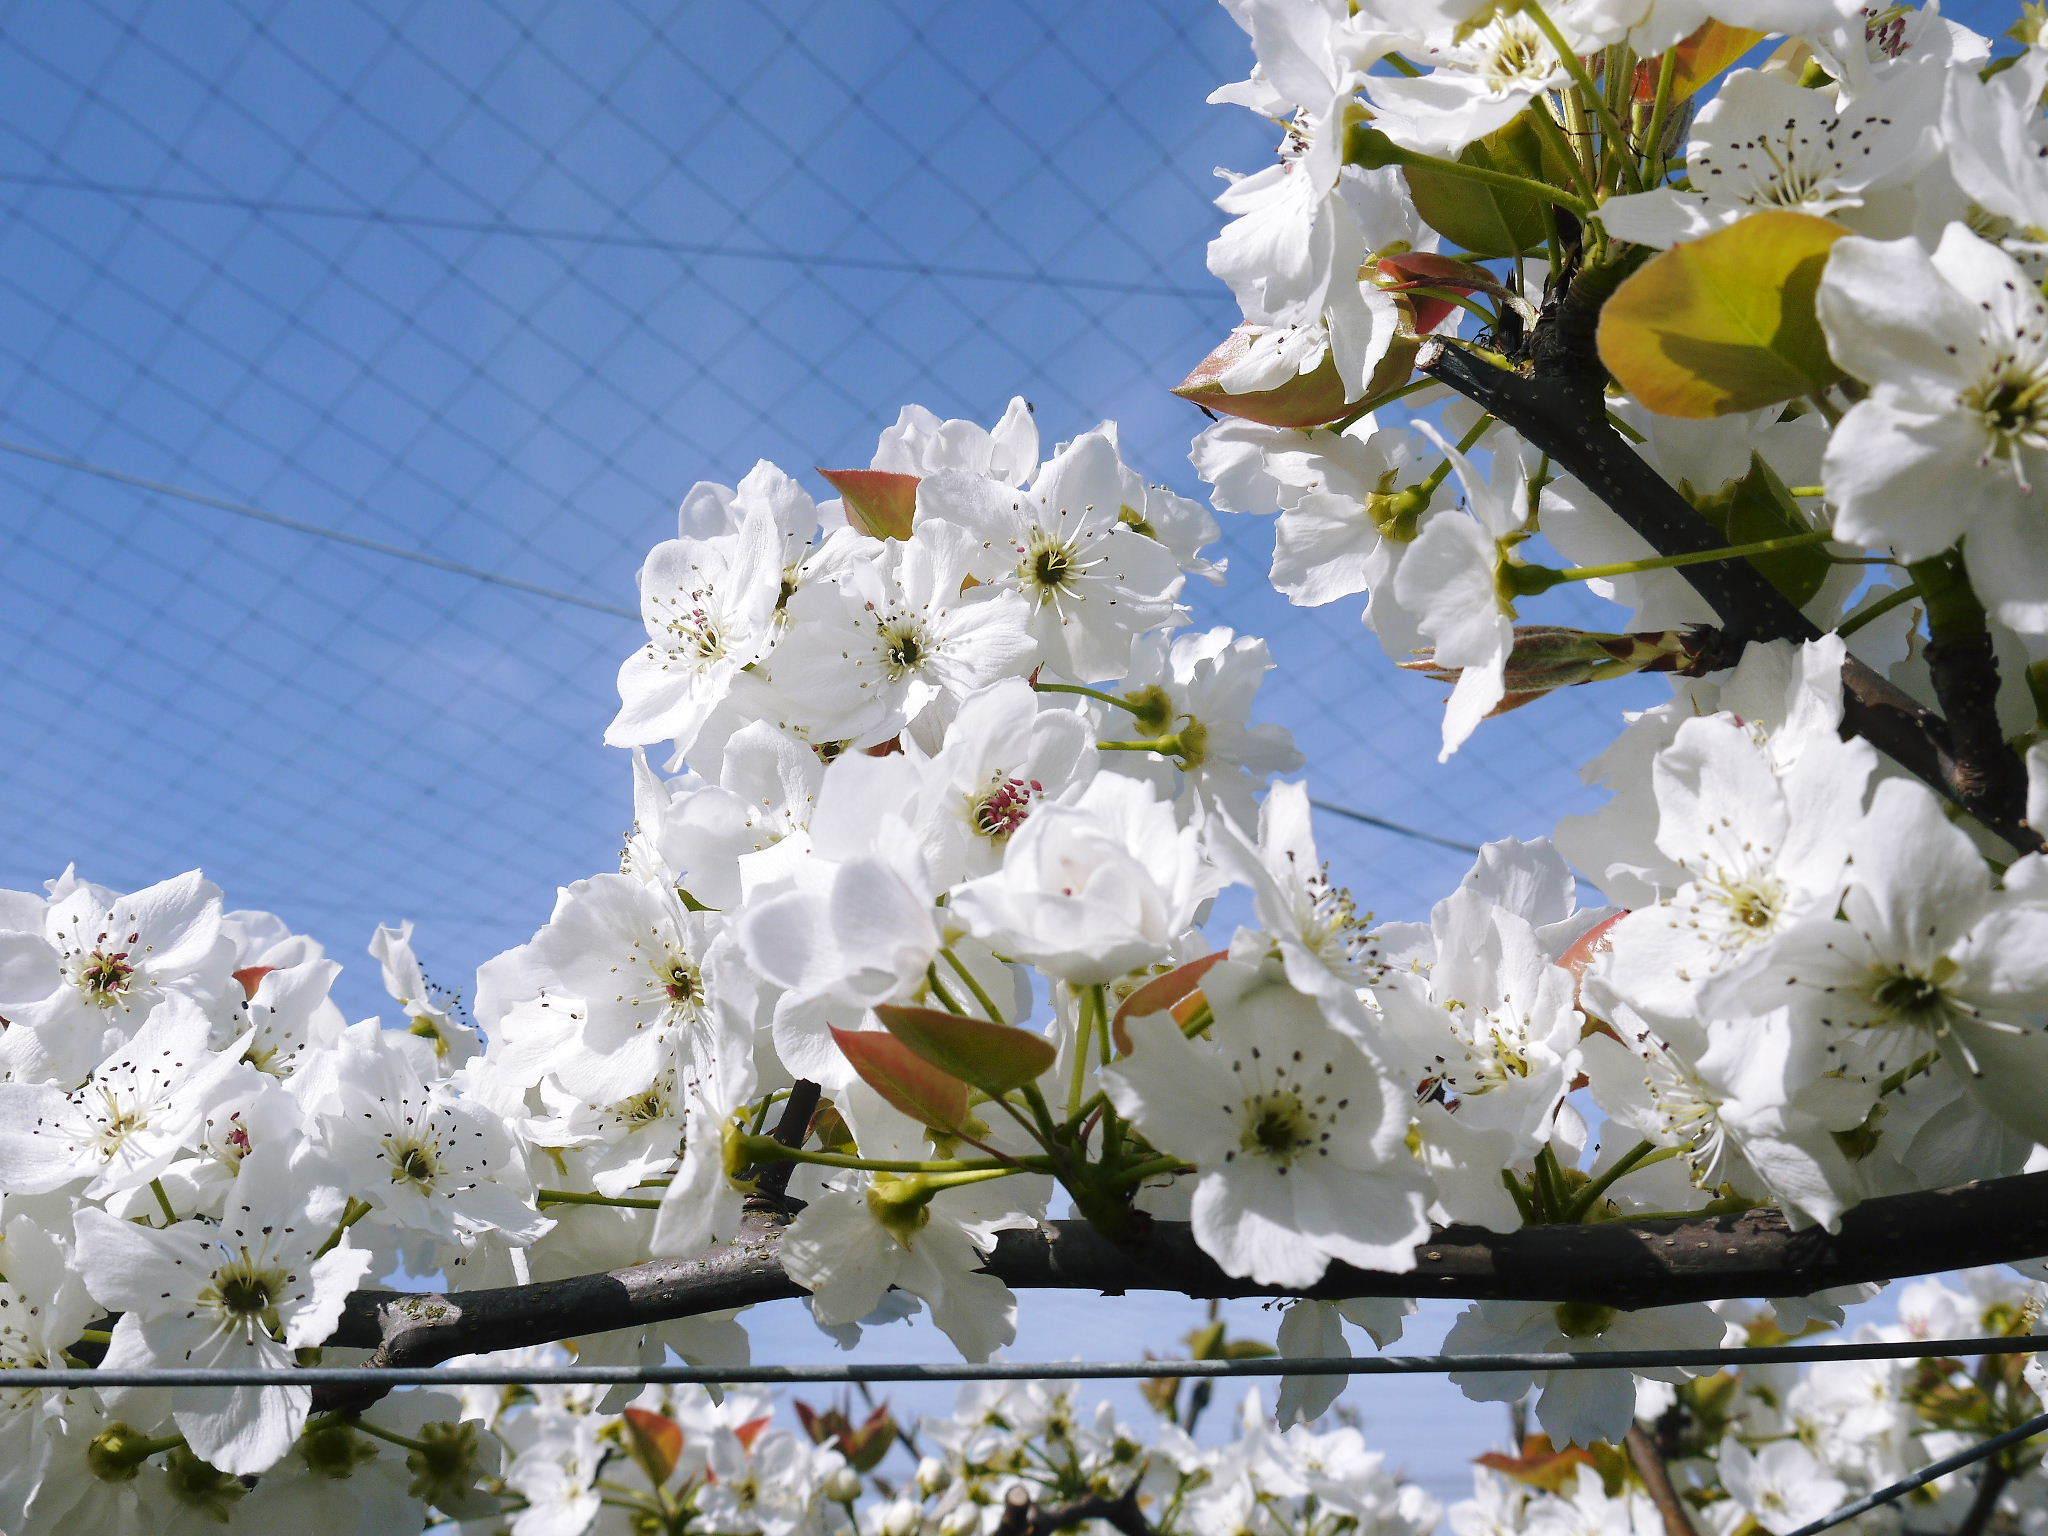 熊本梨 令和3年度の初出荷!まずはこだわりの樹上完熟梨『幸水』を朝採り即日発送でお届けします!_a0254656_17571994.jpg